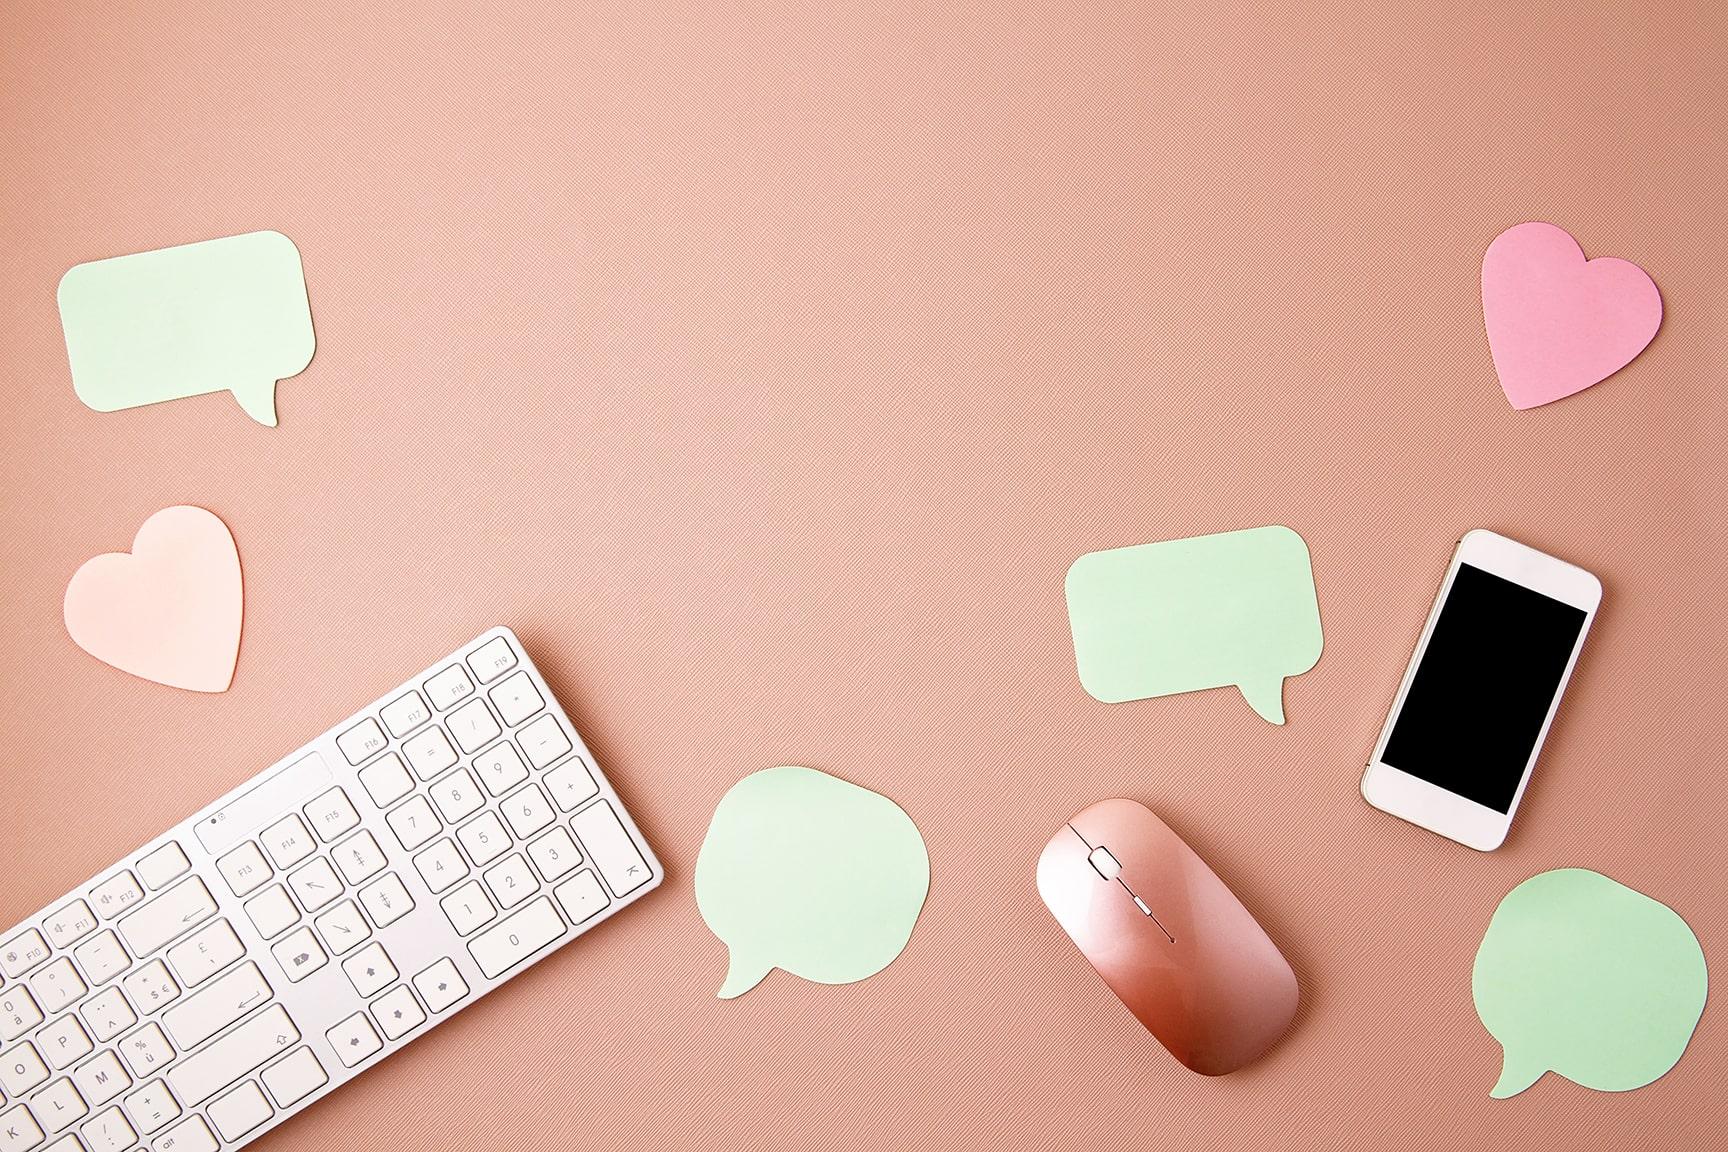 Interacciones y mensajes de redes sociales